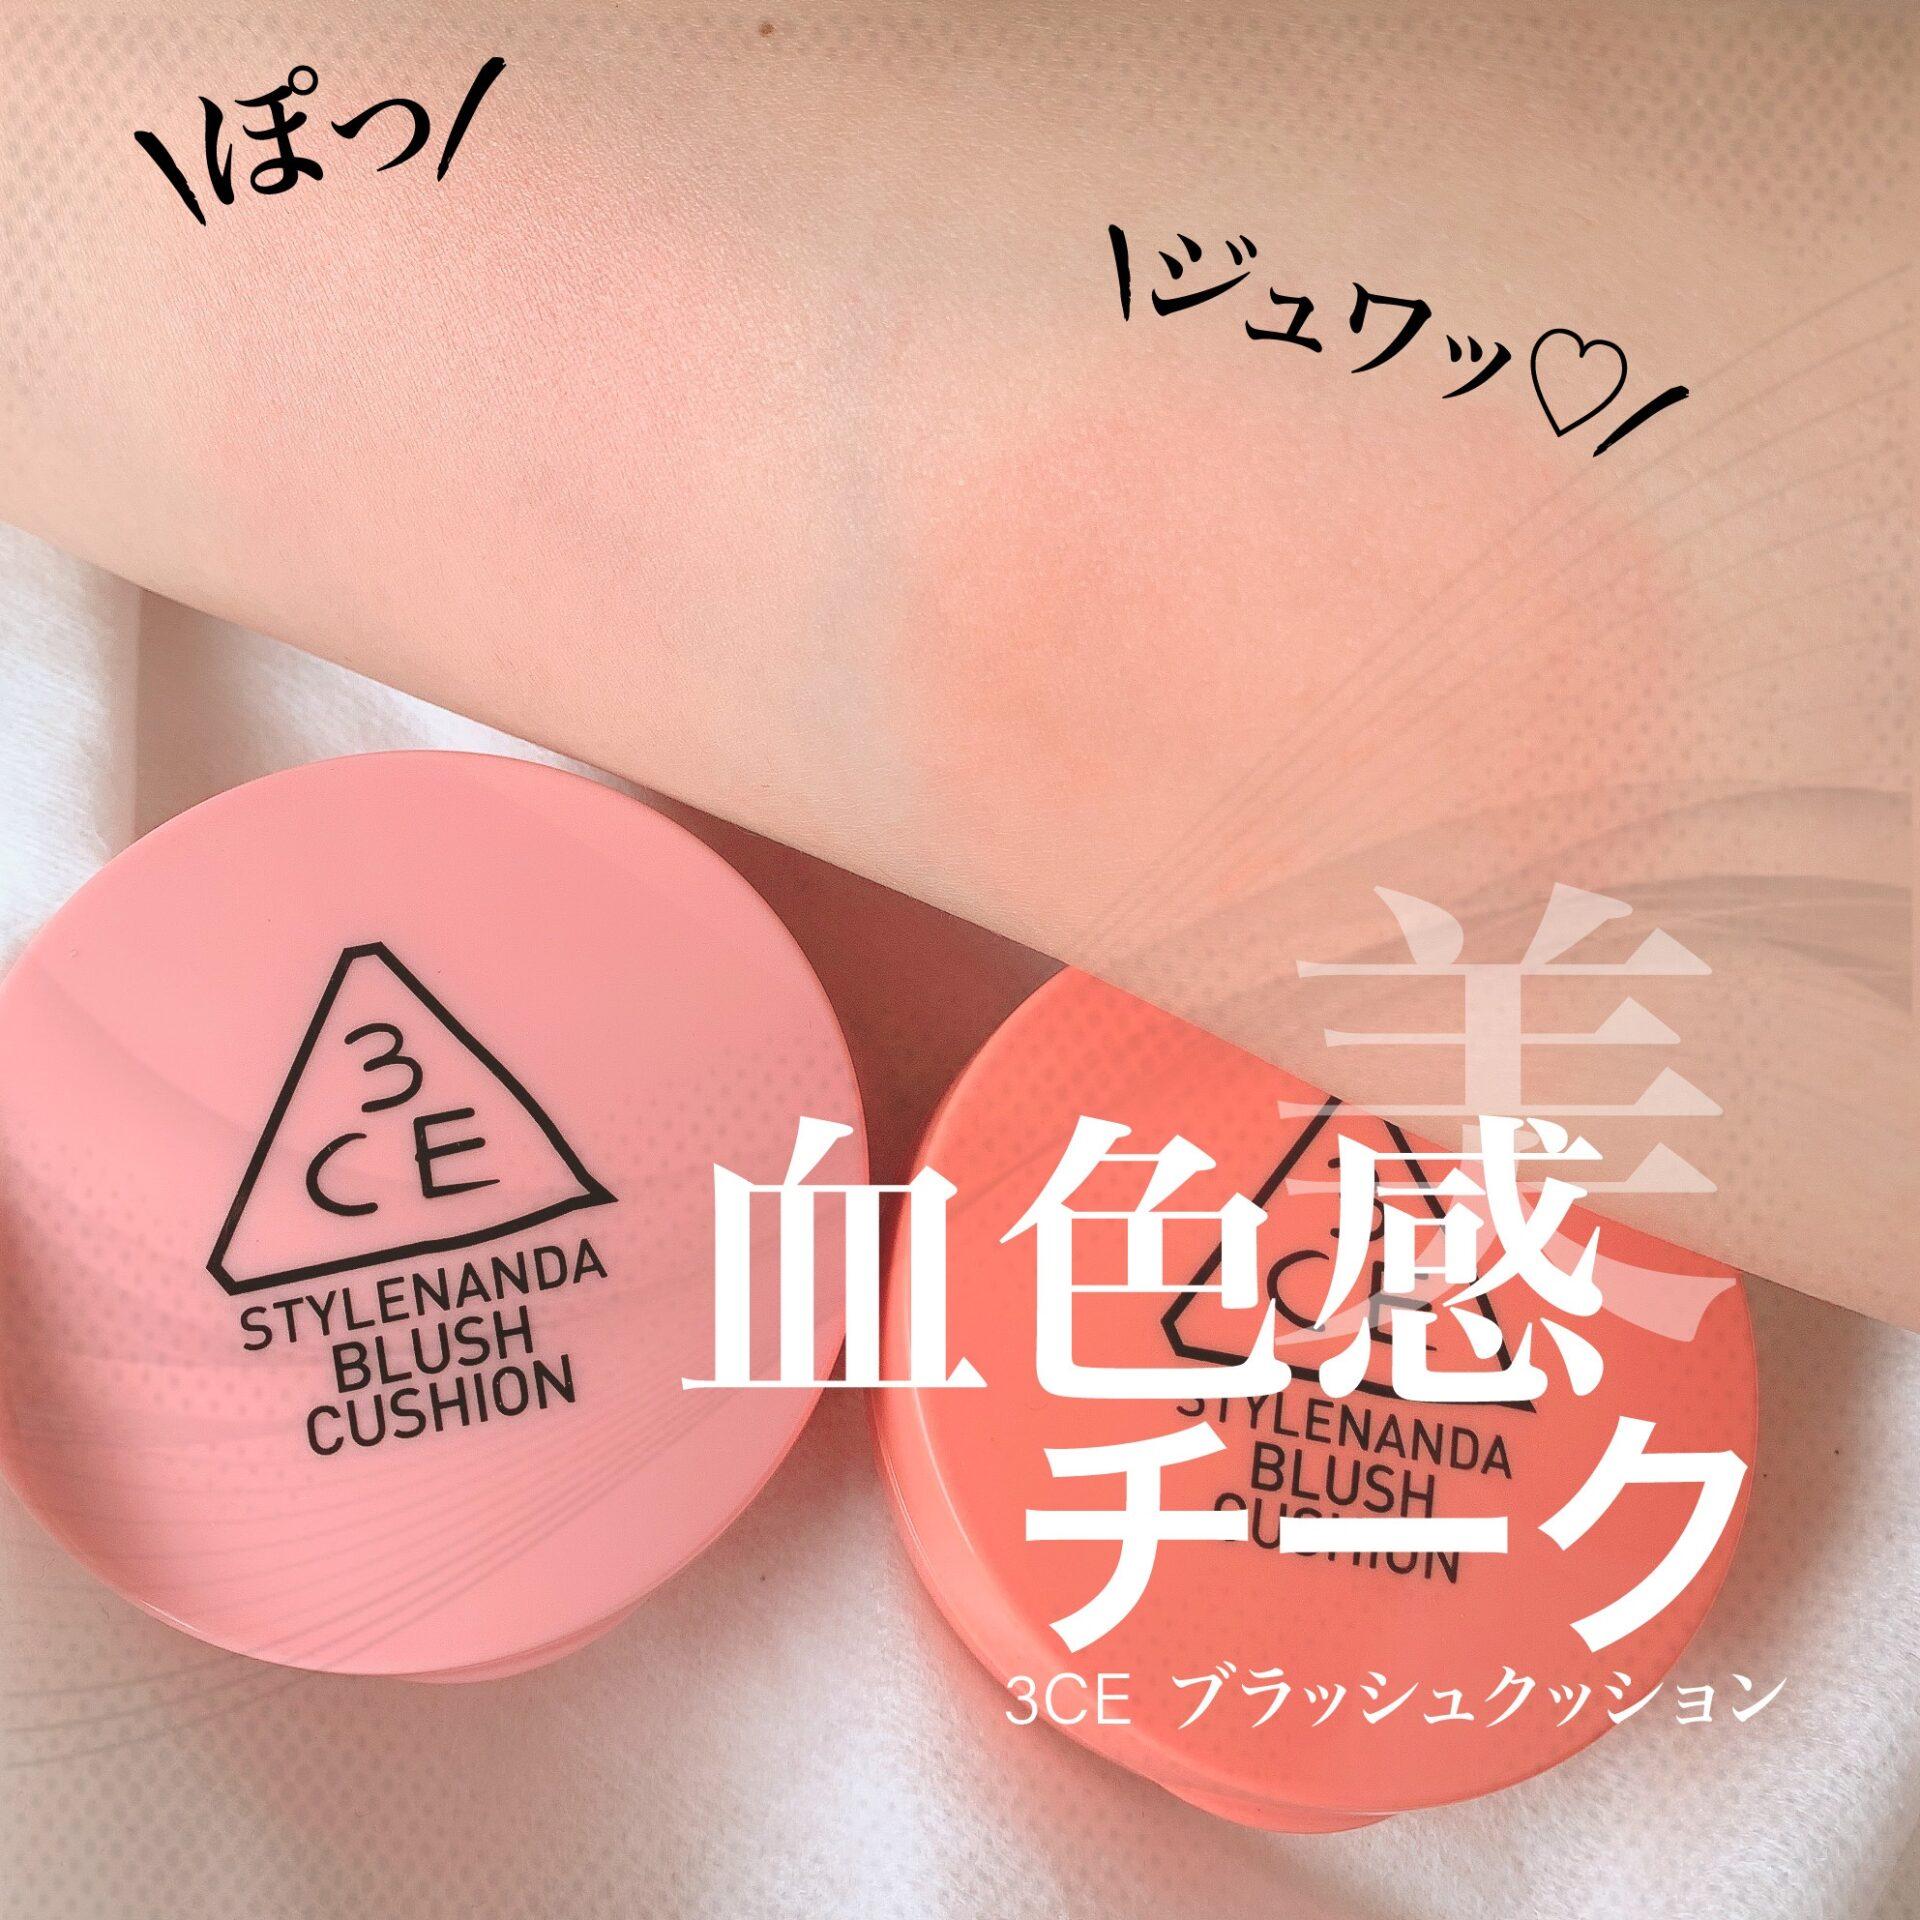 【3CE】韓国コスメ3CEクッションチークコーラルカラー、ピンクカラーレビュー♡   美log